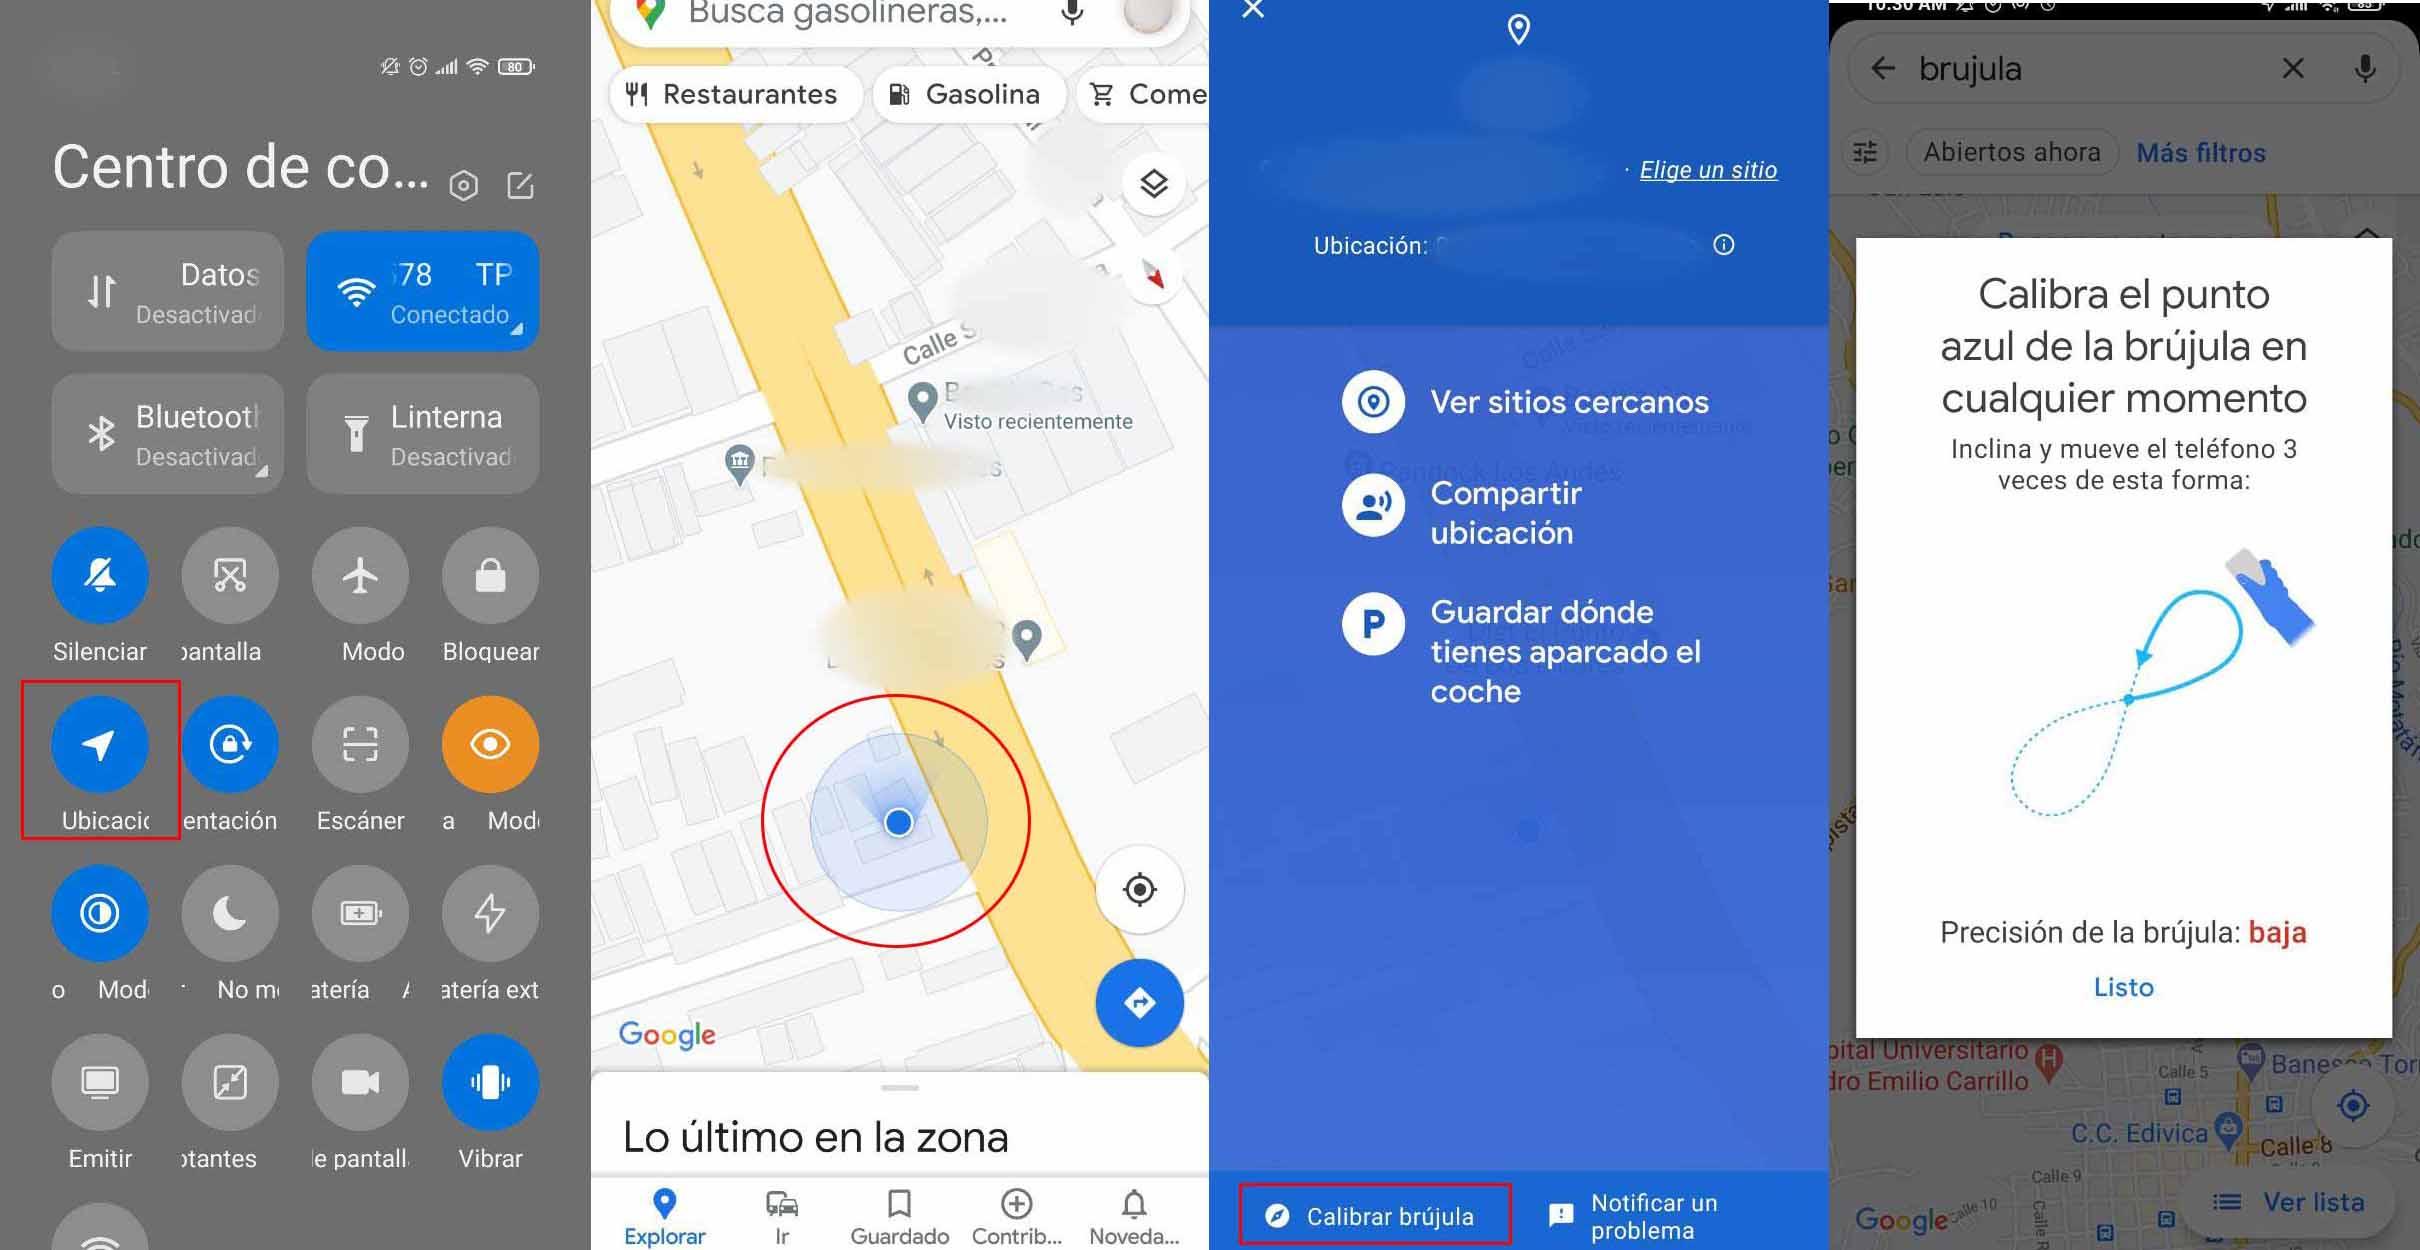 Cómo usar la brújula de Google Maps